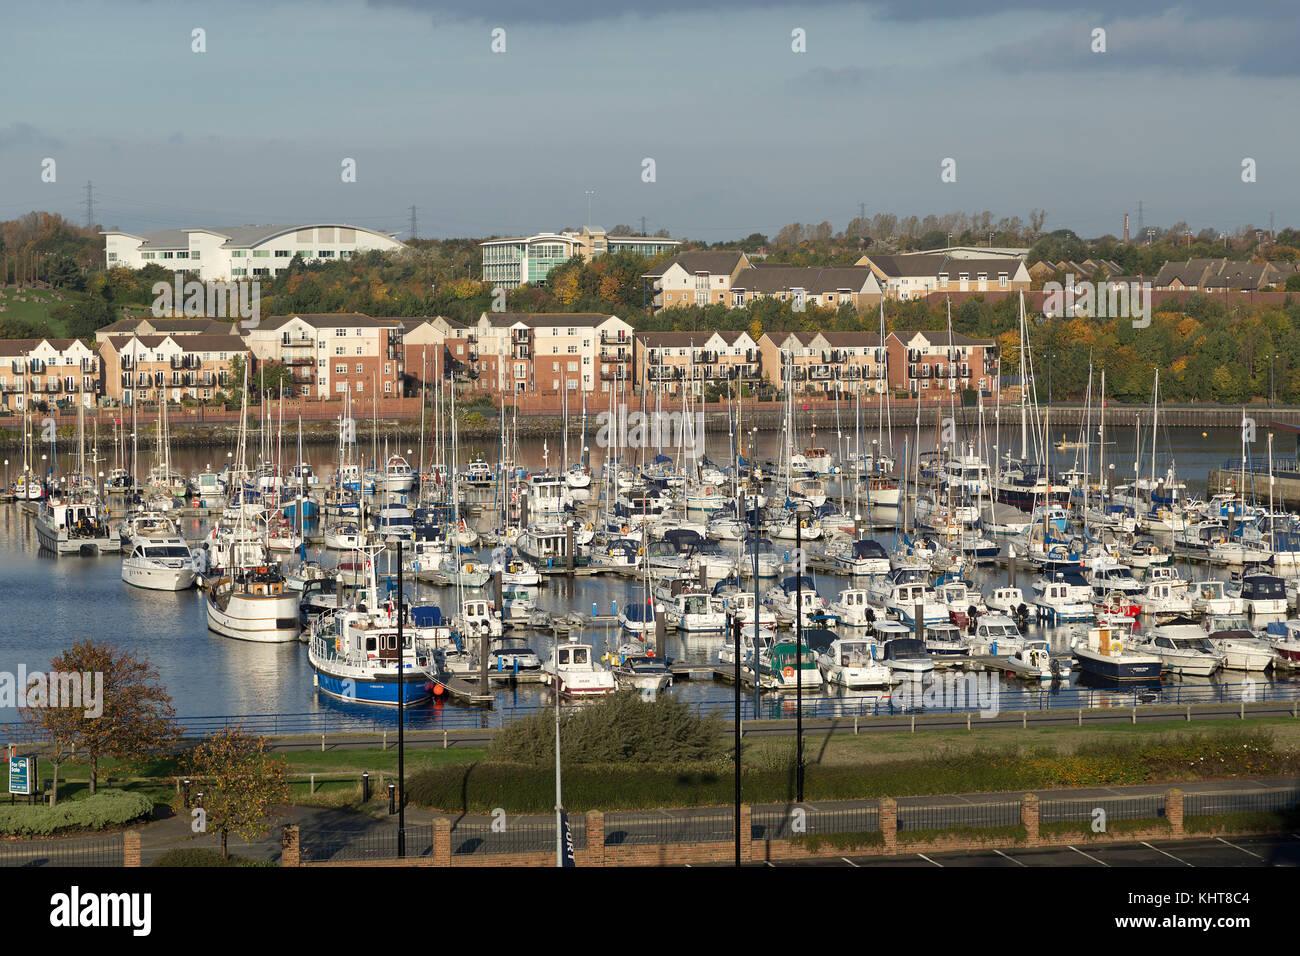 marina, North Shields, Northumberland, Great Britain Stock Photo